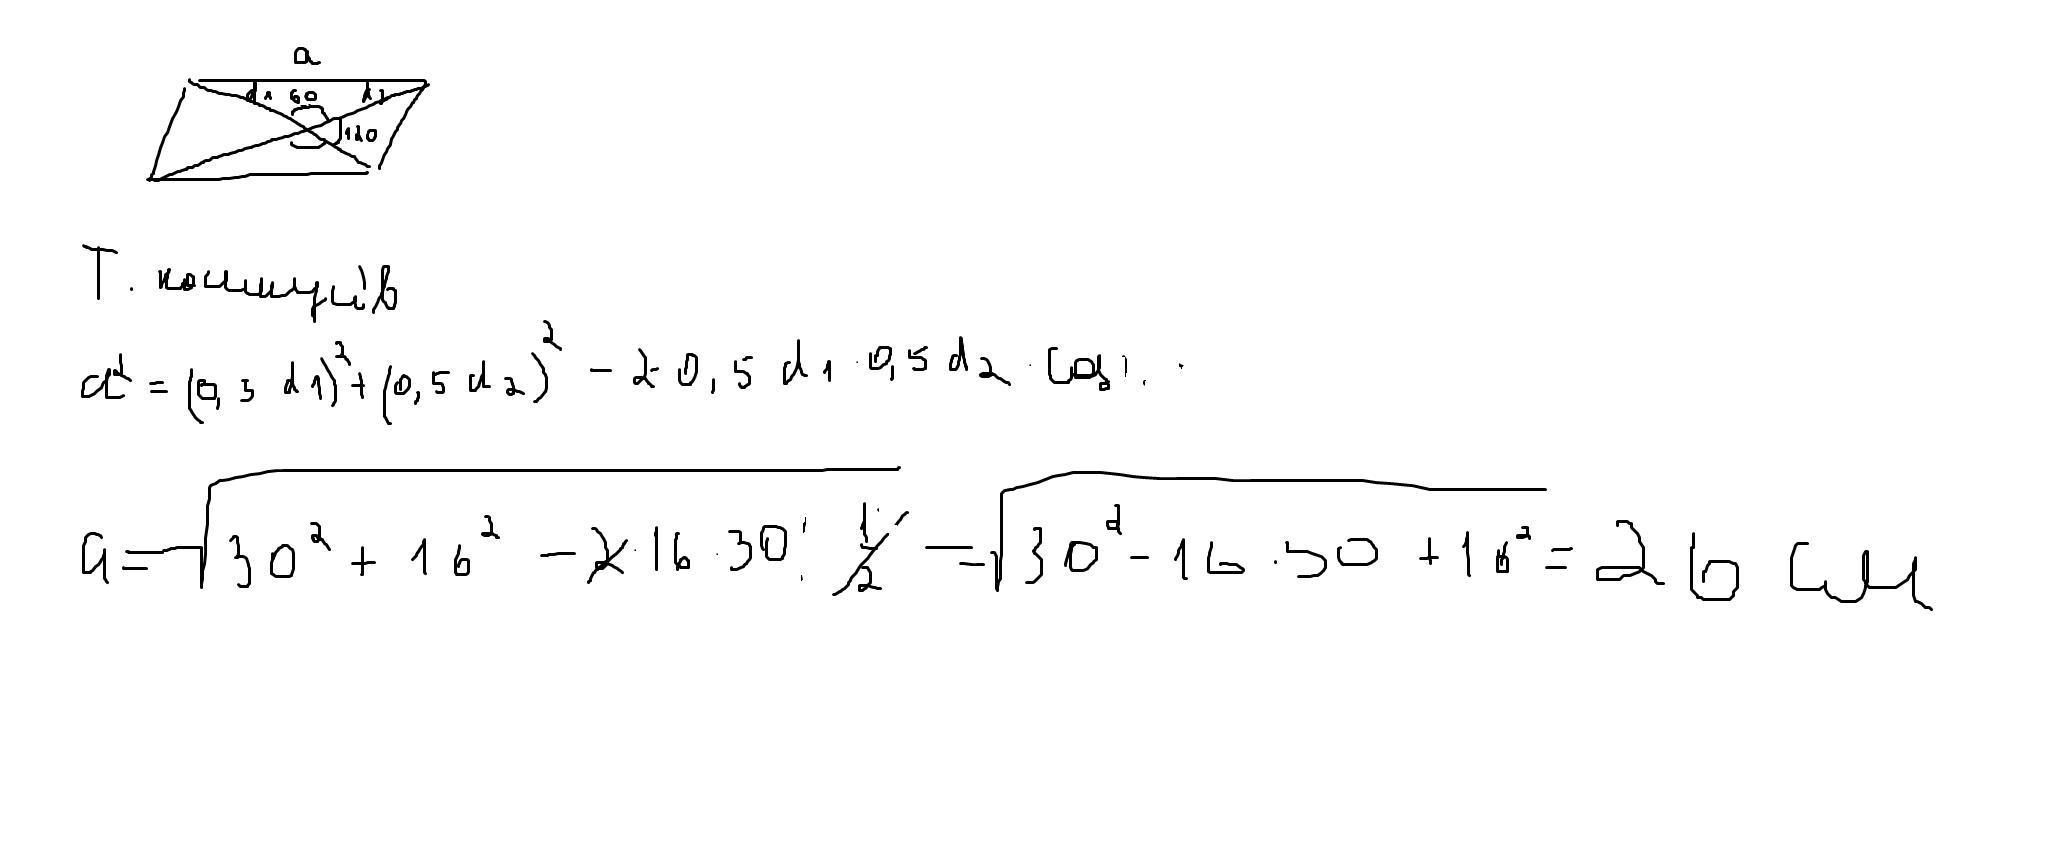 Кут між діагоналями паралелограма дорівнює 120